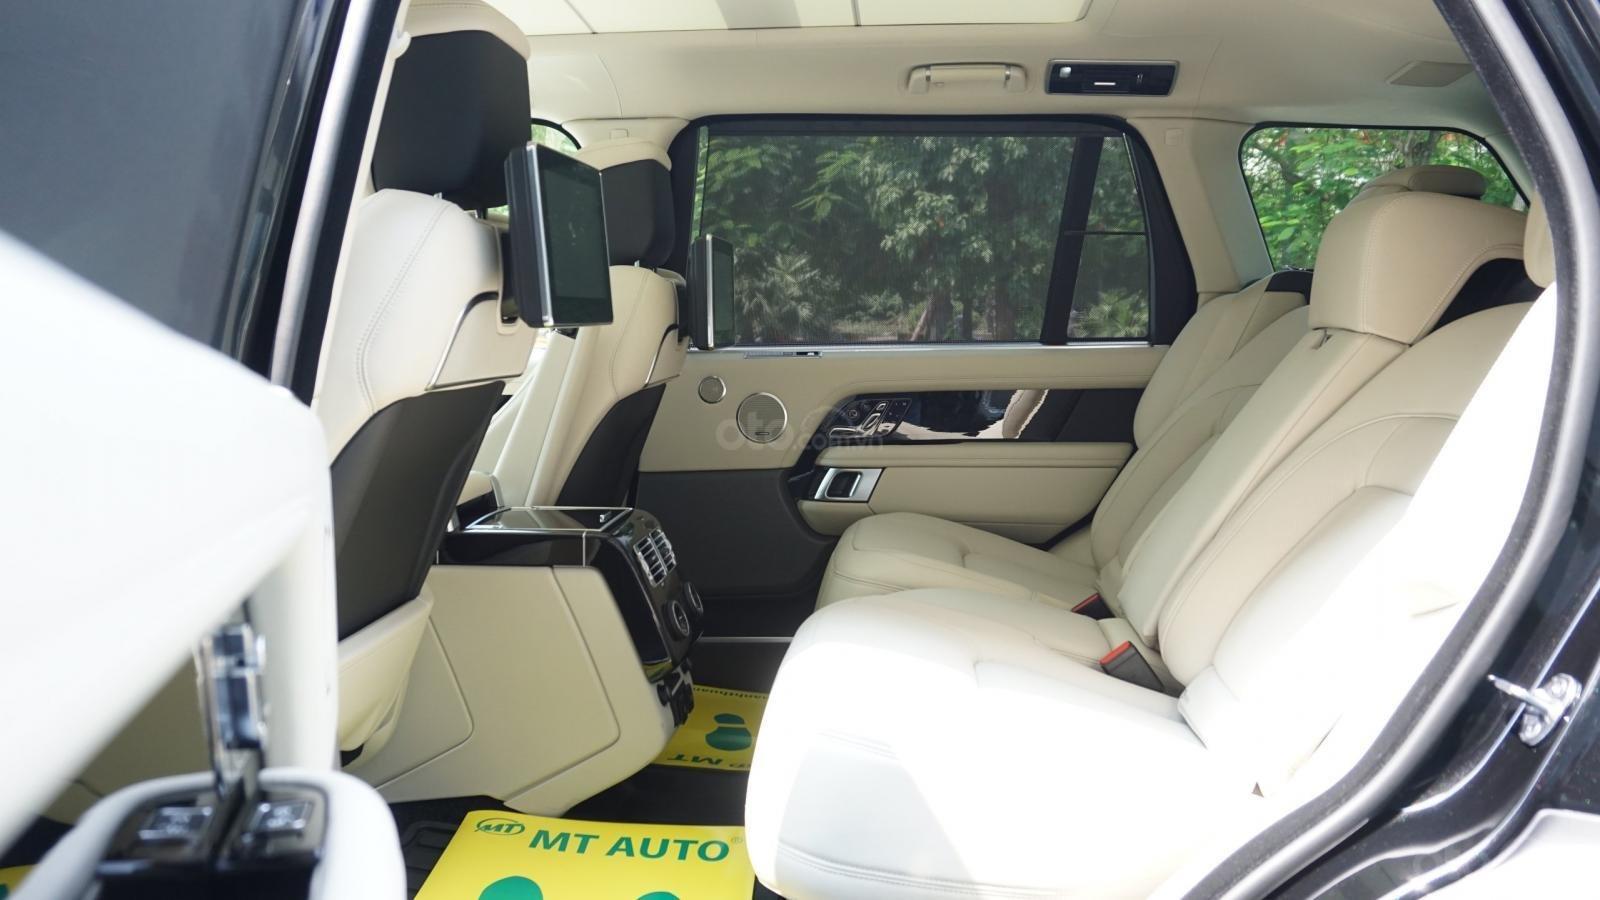 Range Rover Autobiography LWB 2020, Hồ Chí Minh, giá tốt giao xe ngay toàn quốc, LH trực tiếp 0844.177.222 (9)